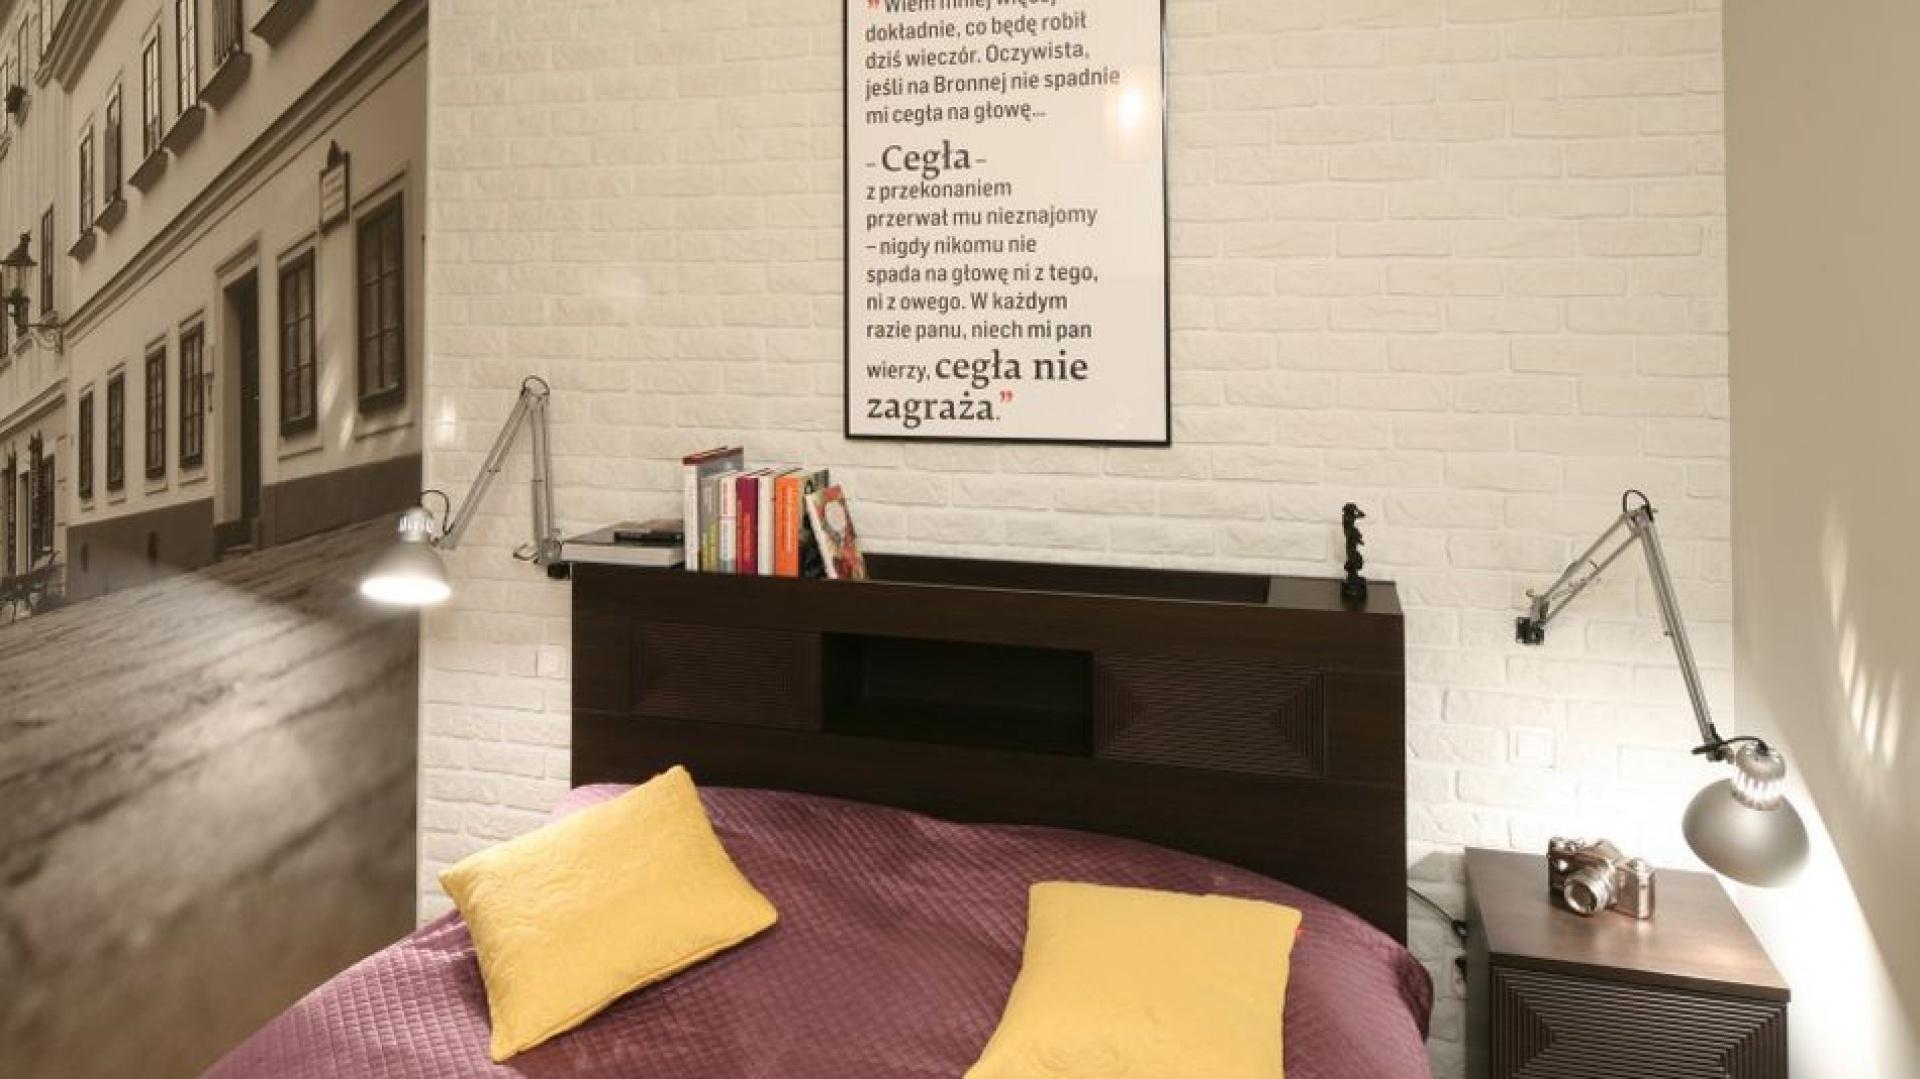 Biała cegła może pojawić się także w sypialni i stworzyć podstawę aranżacji przytulnego wnętrza. W zestawieniu z odpowiednio dobranym oświetleniem oraz dekoracjami daje szansę na wykreowanie sypialni utrzymanej w industrialnym klimacie. Projekt: Iza Szewc. Fot. Bartosz Jarosz.